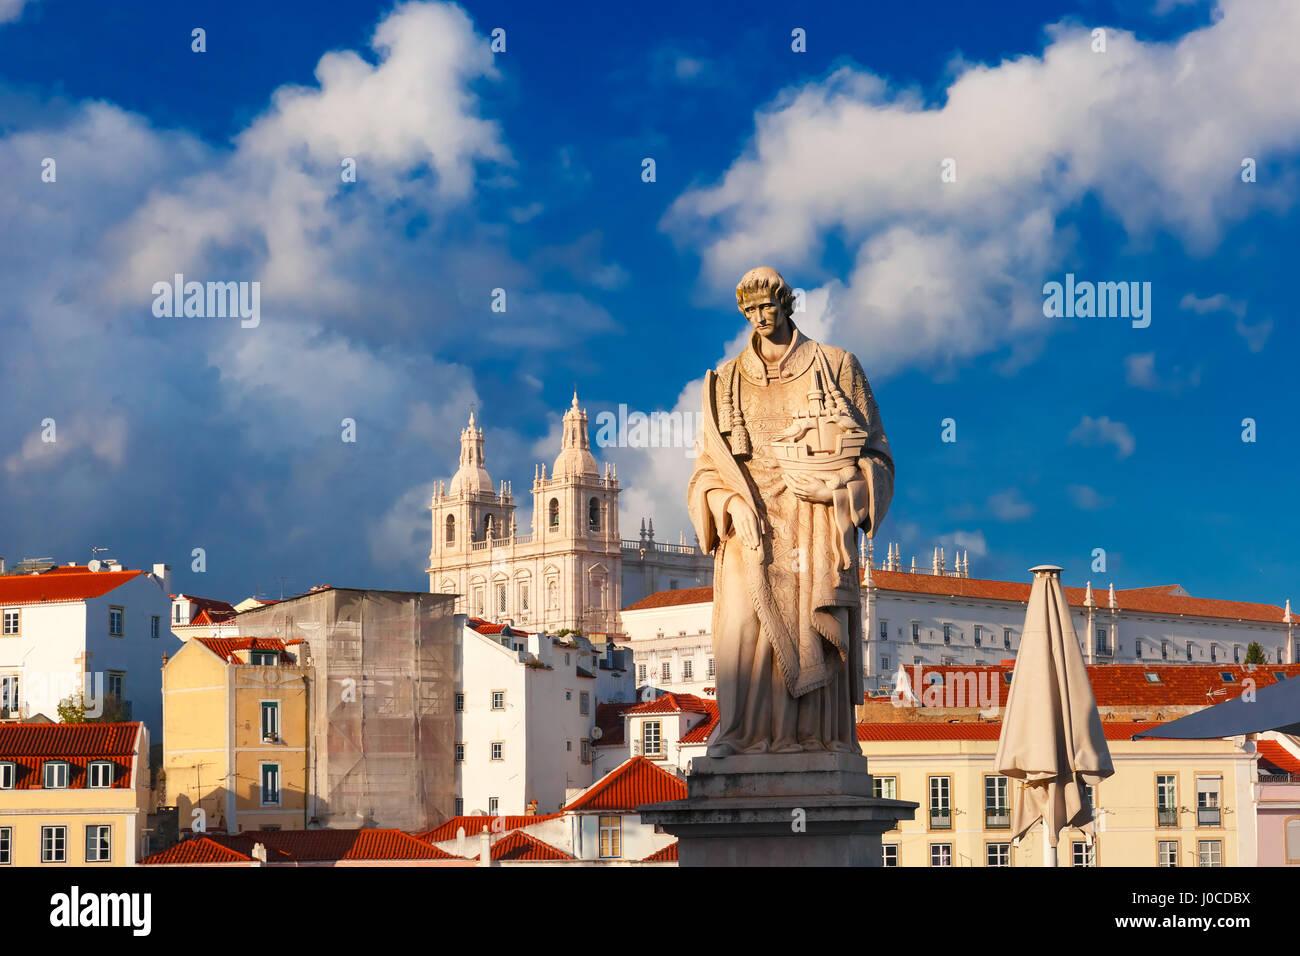 Statue of Saint Vincent, the patron saint of Lisbon - Stock Image